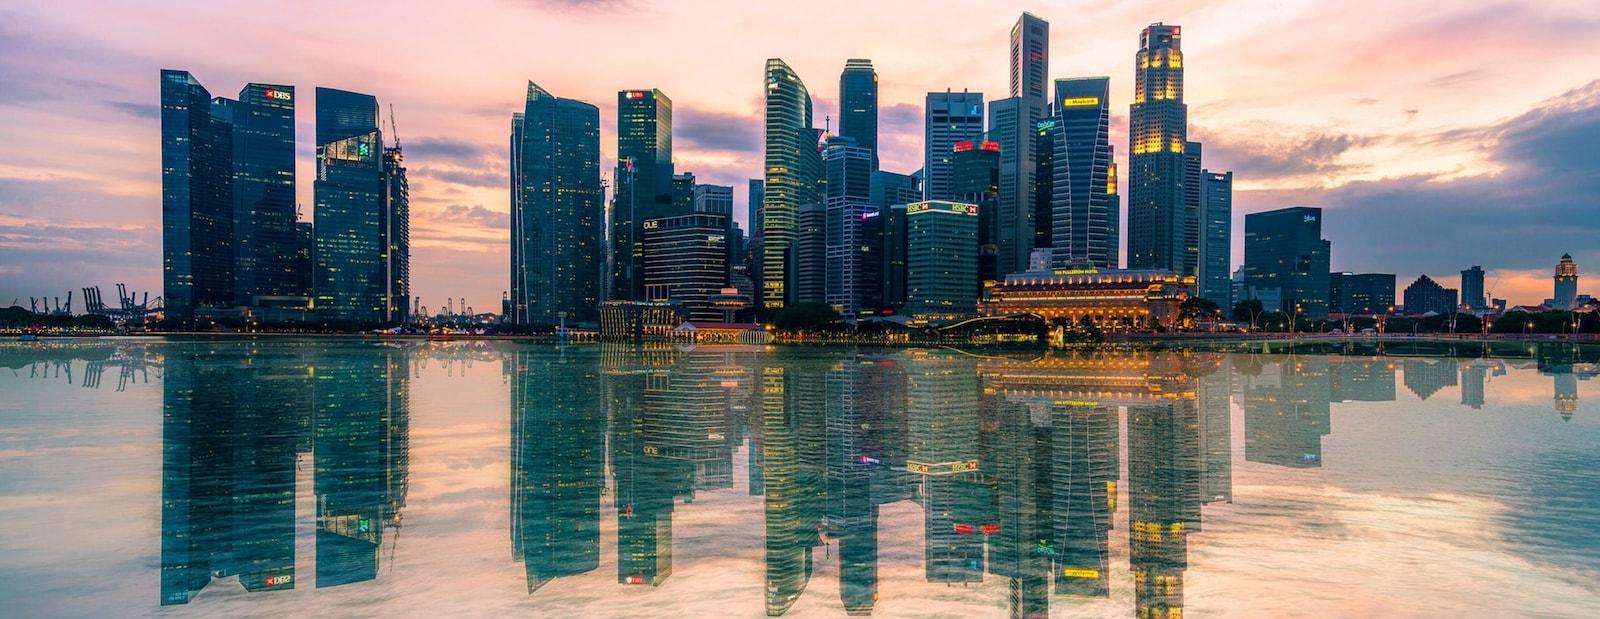 新加坡的度假屋